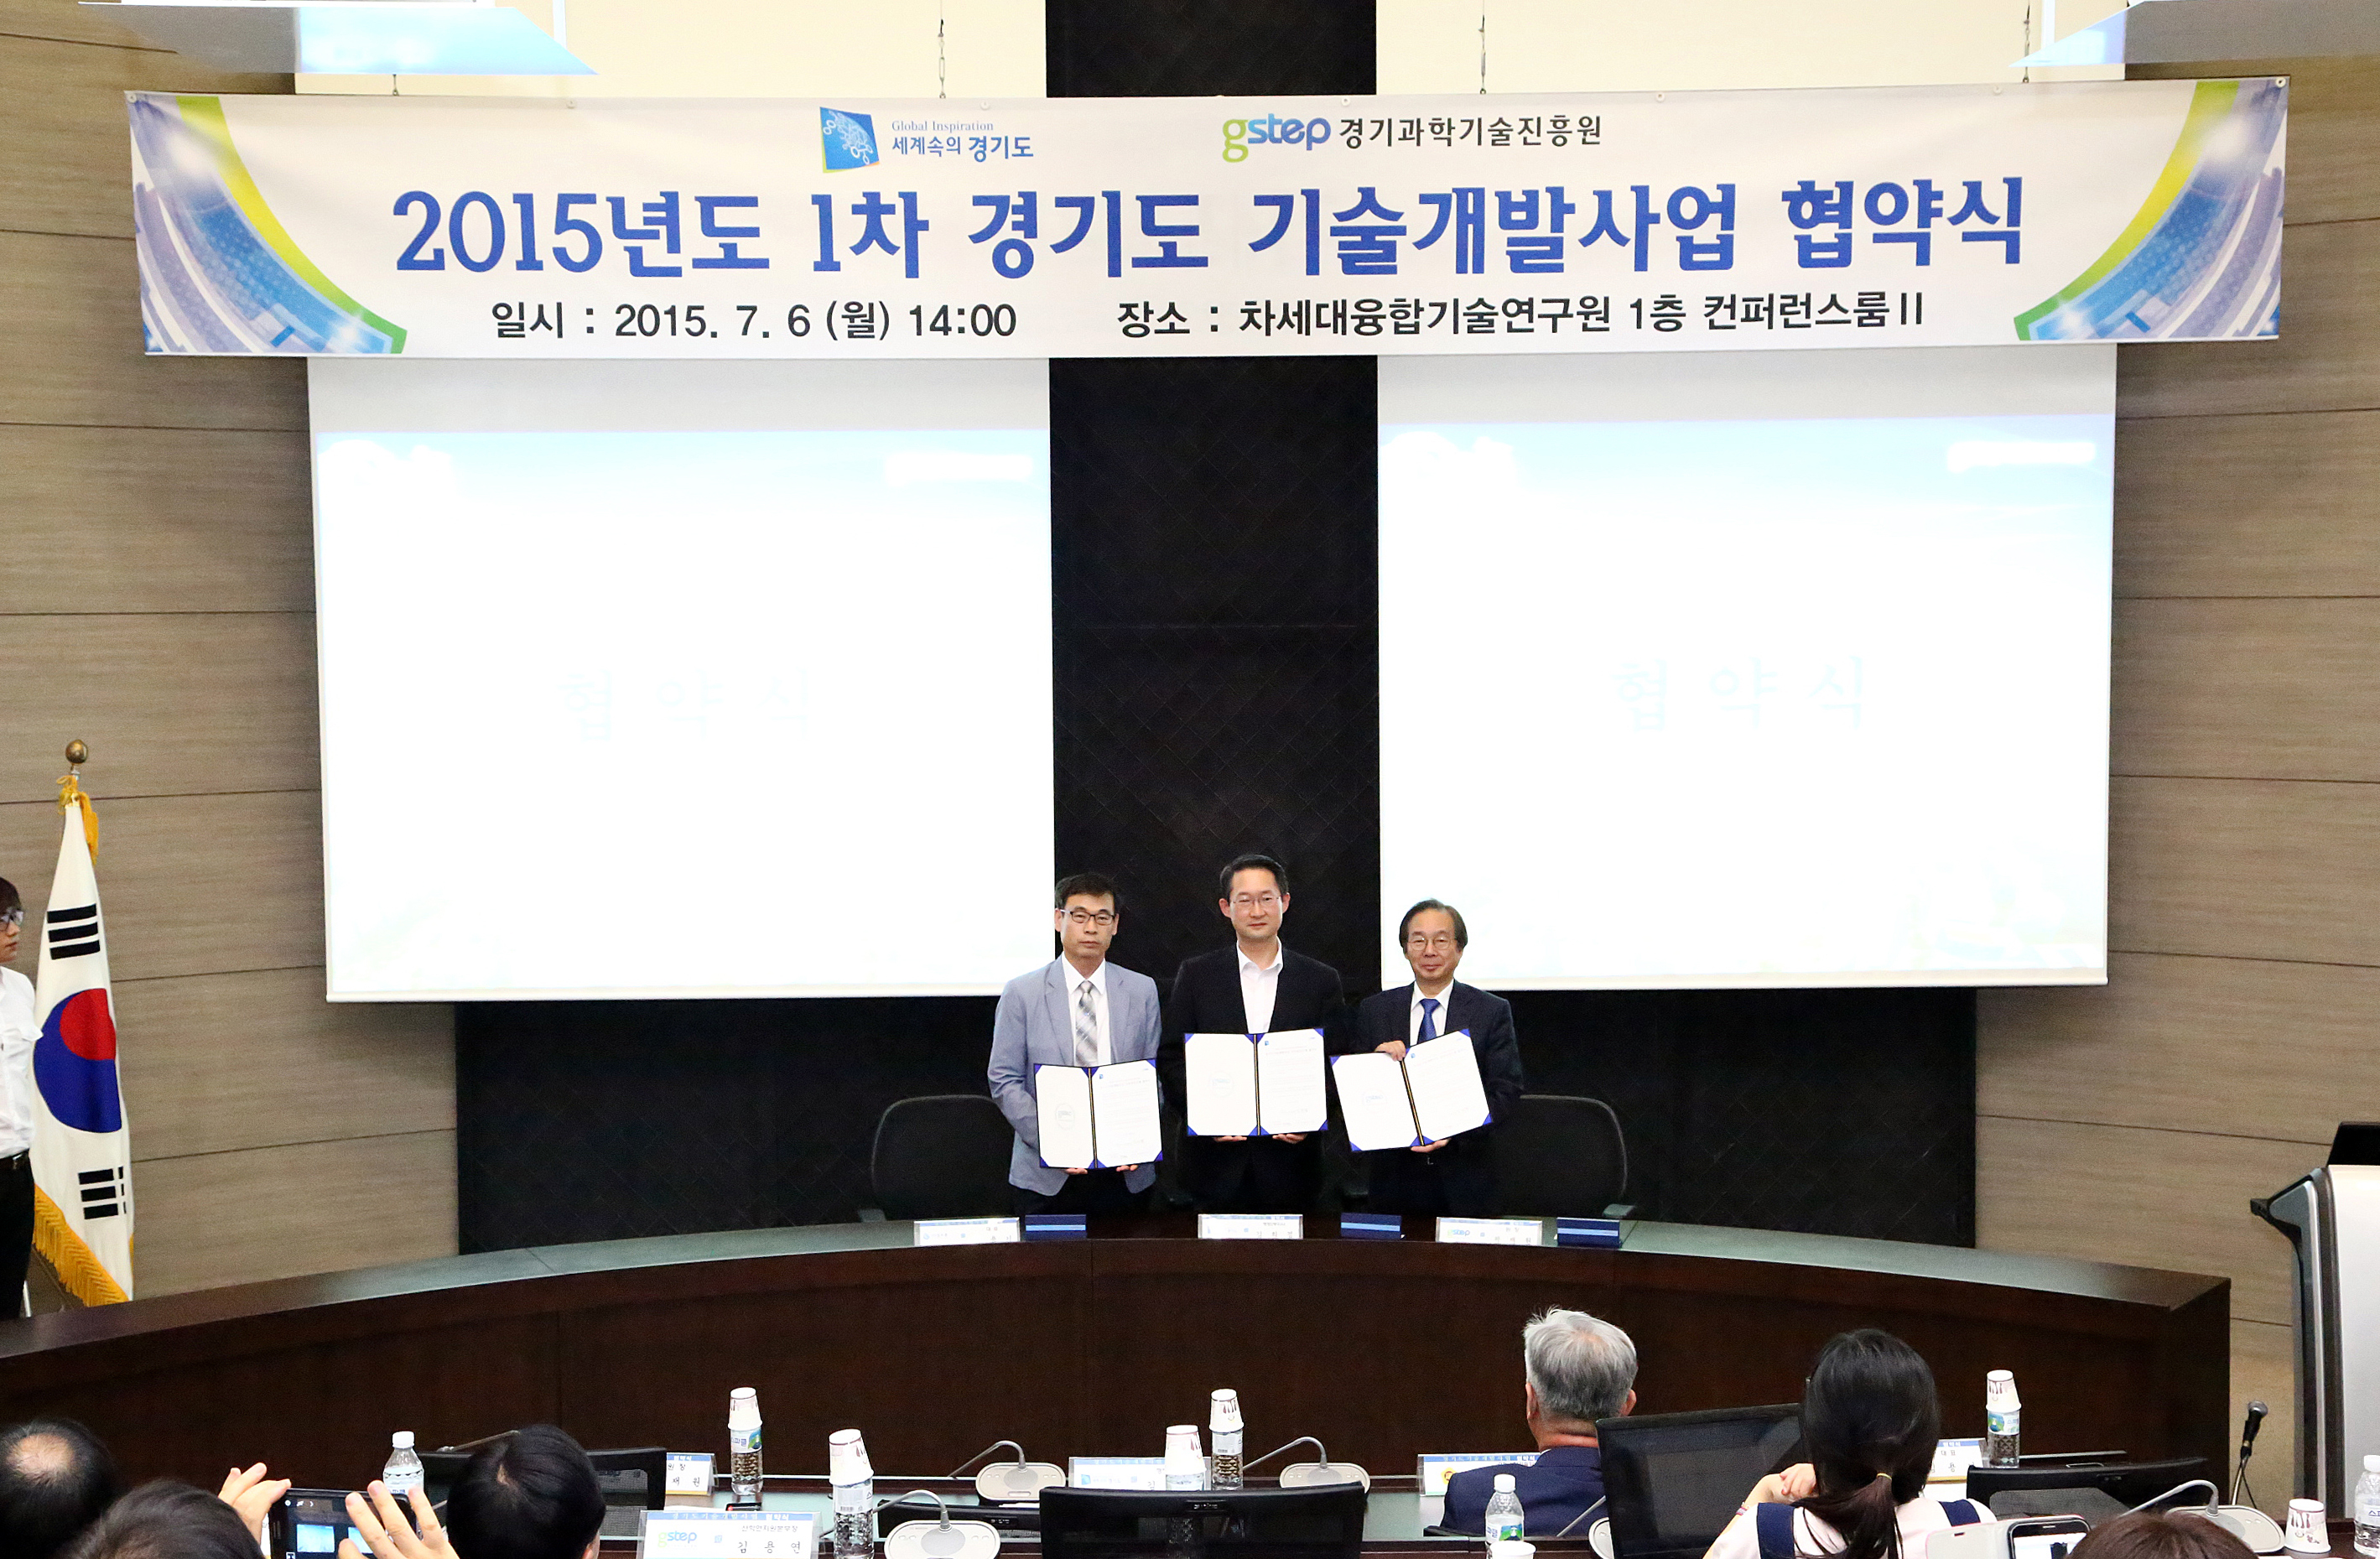 20150706_경기도 기술개발사업 협약 (9).JPG